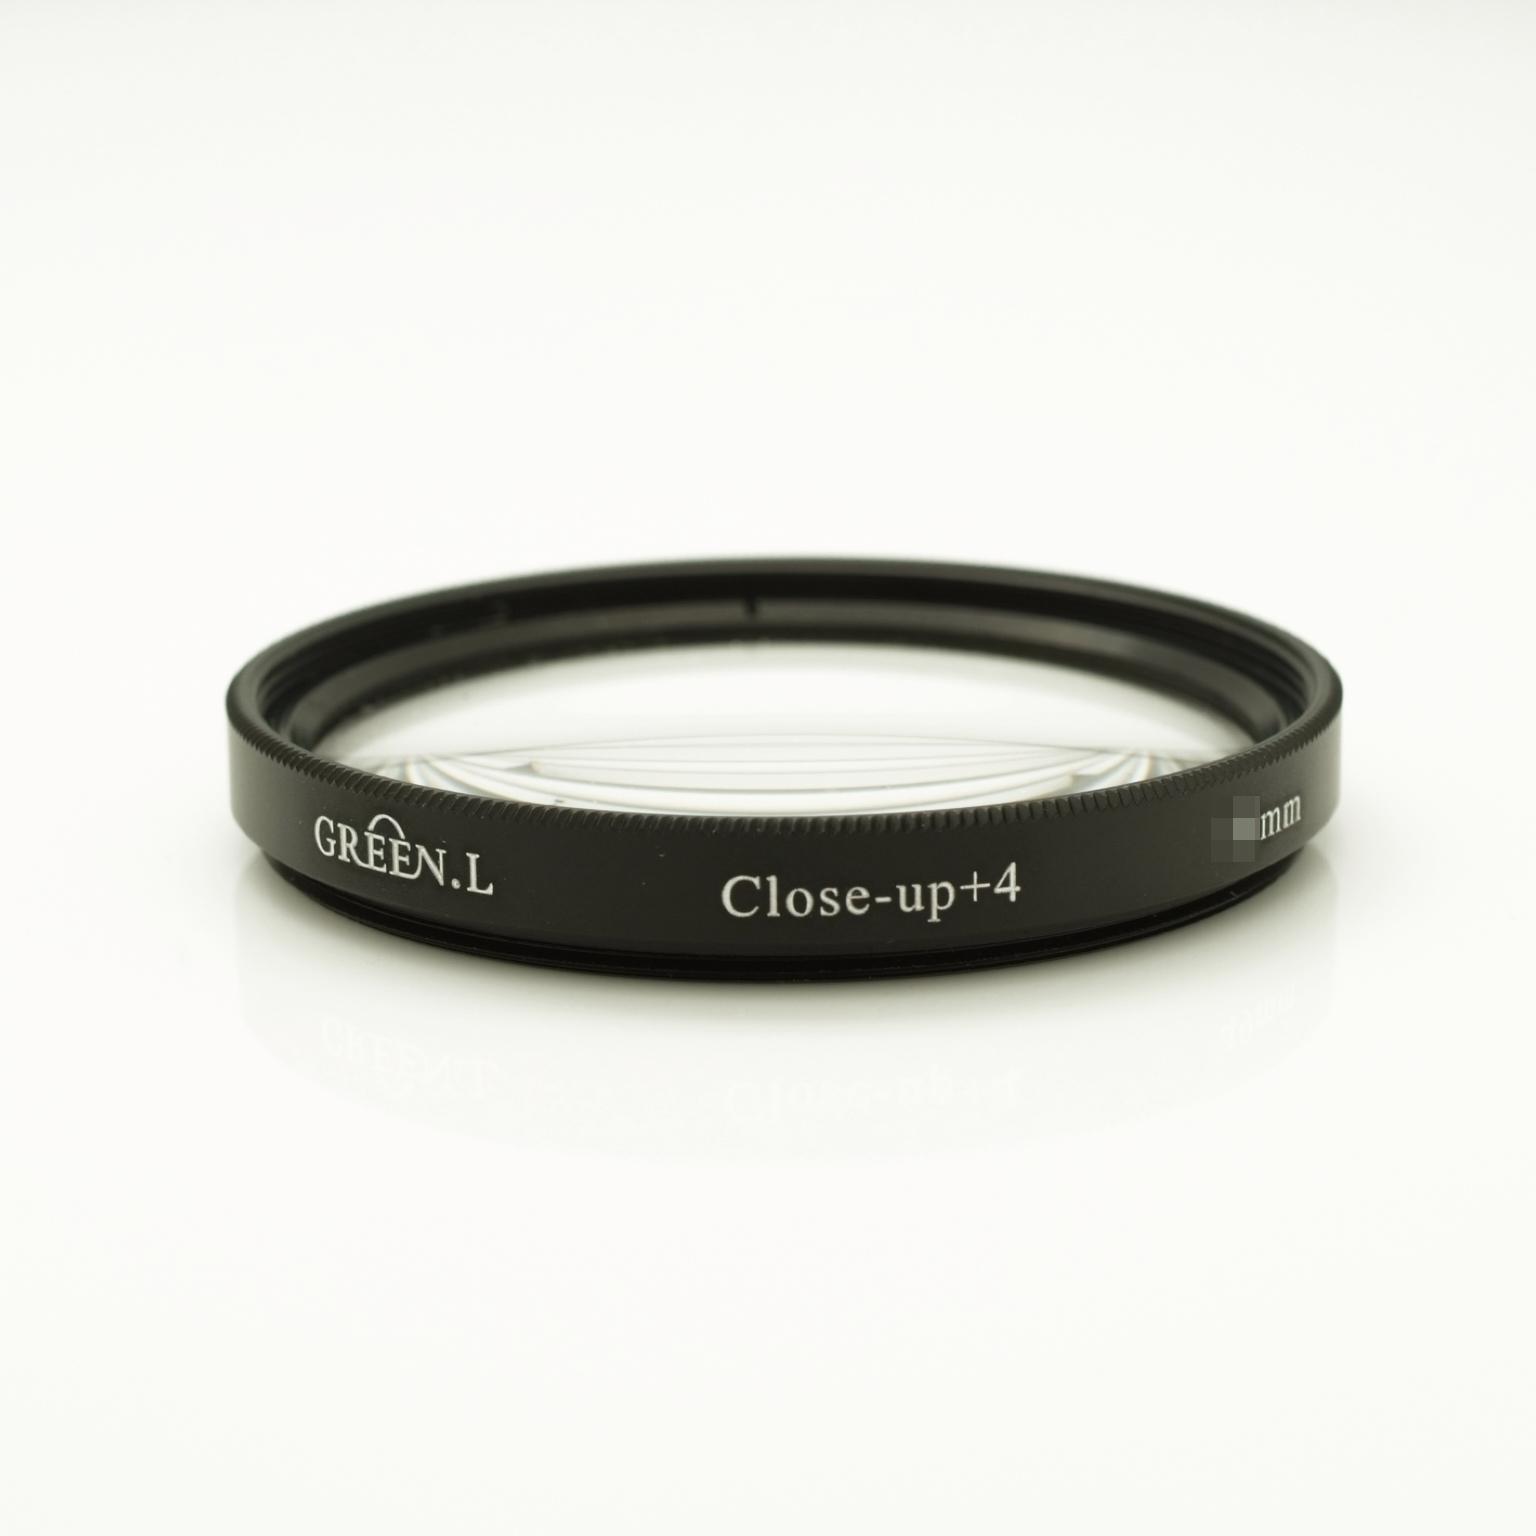 又敗家@ Green.L 58mm近攝鏡(close-up+4)Micro Macro鏡微距鏡,代倒接環雙陽環適近拍生態攝影適Canon EF-S 18-55mm F3.5-5.6 55-250mm ..